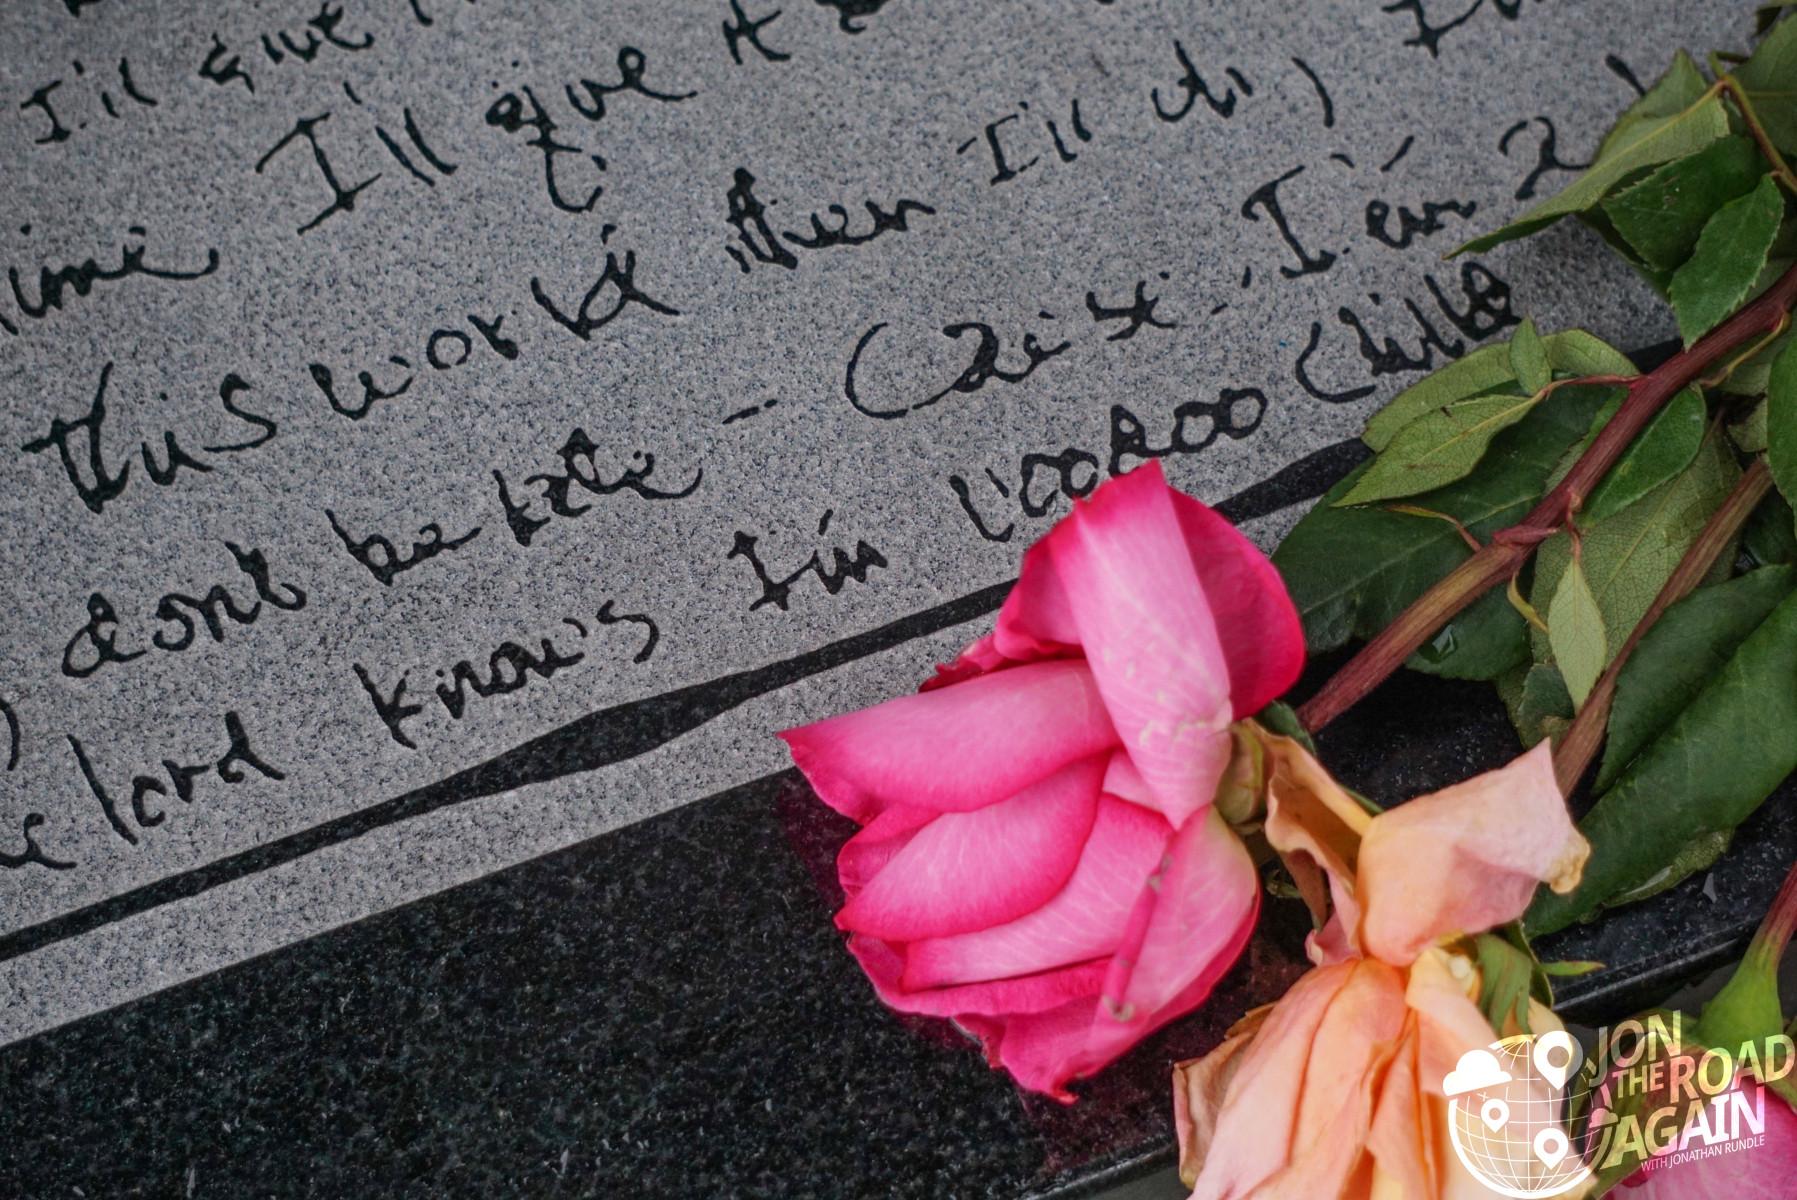 Jimi Hendrix Grave